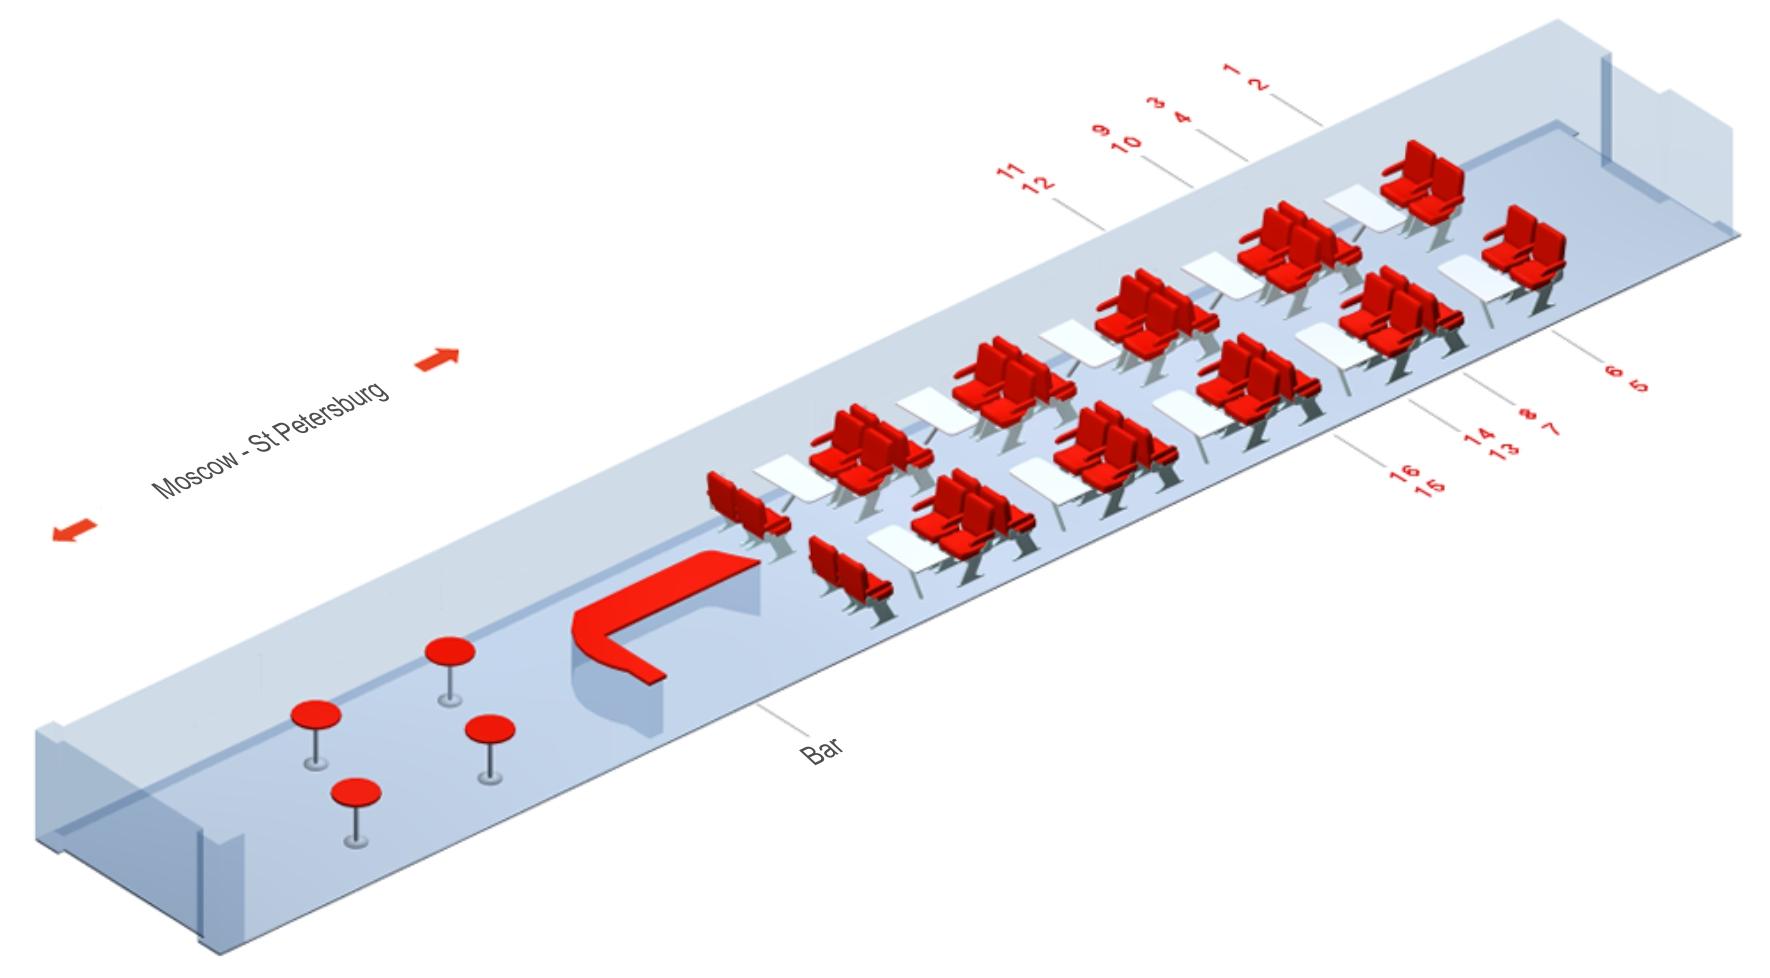 Сапсан схема вагонов по движению поезда